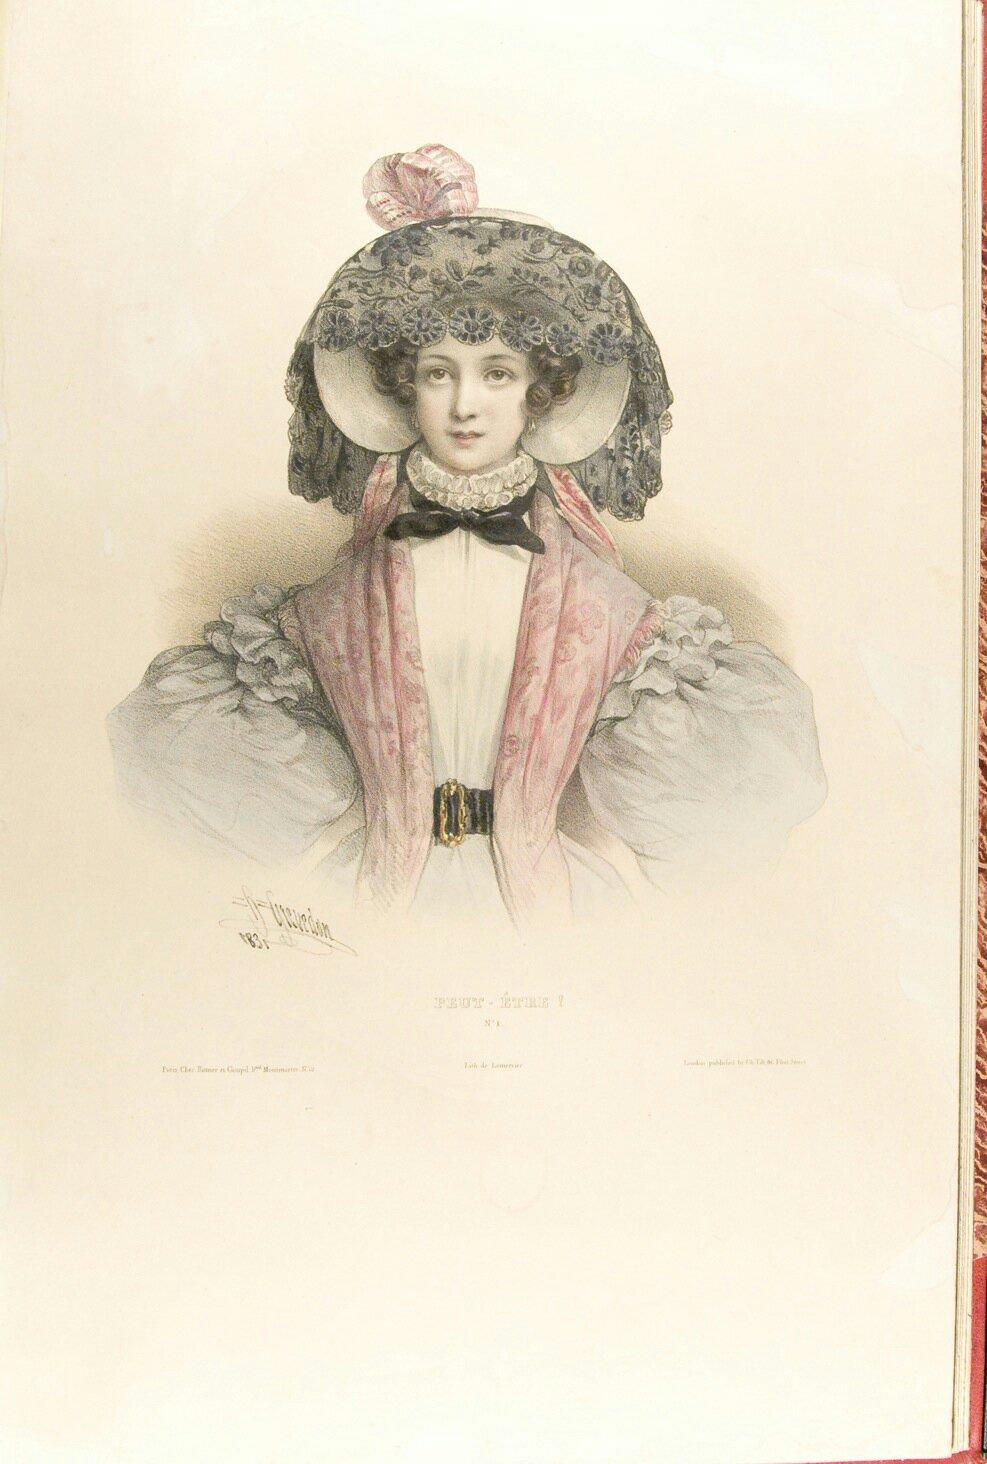 1-grevedon-vocabulaire-des-dames-1832-no-1-peut-etre-clark-tiff1714381857.jpg